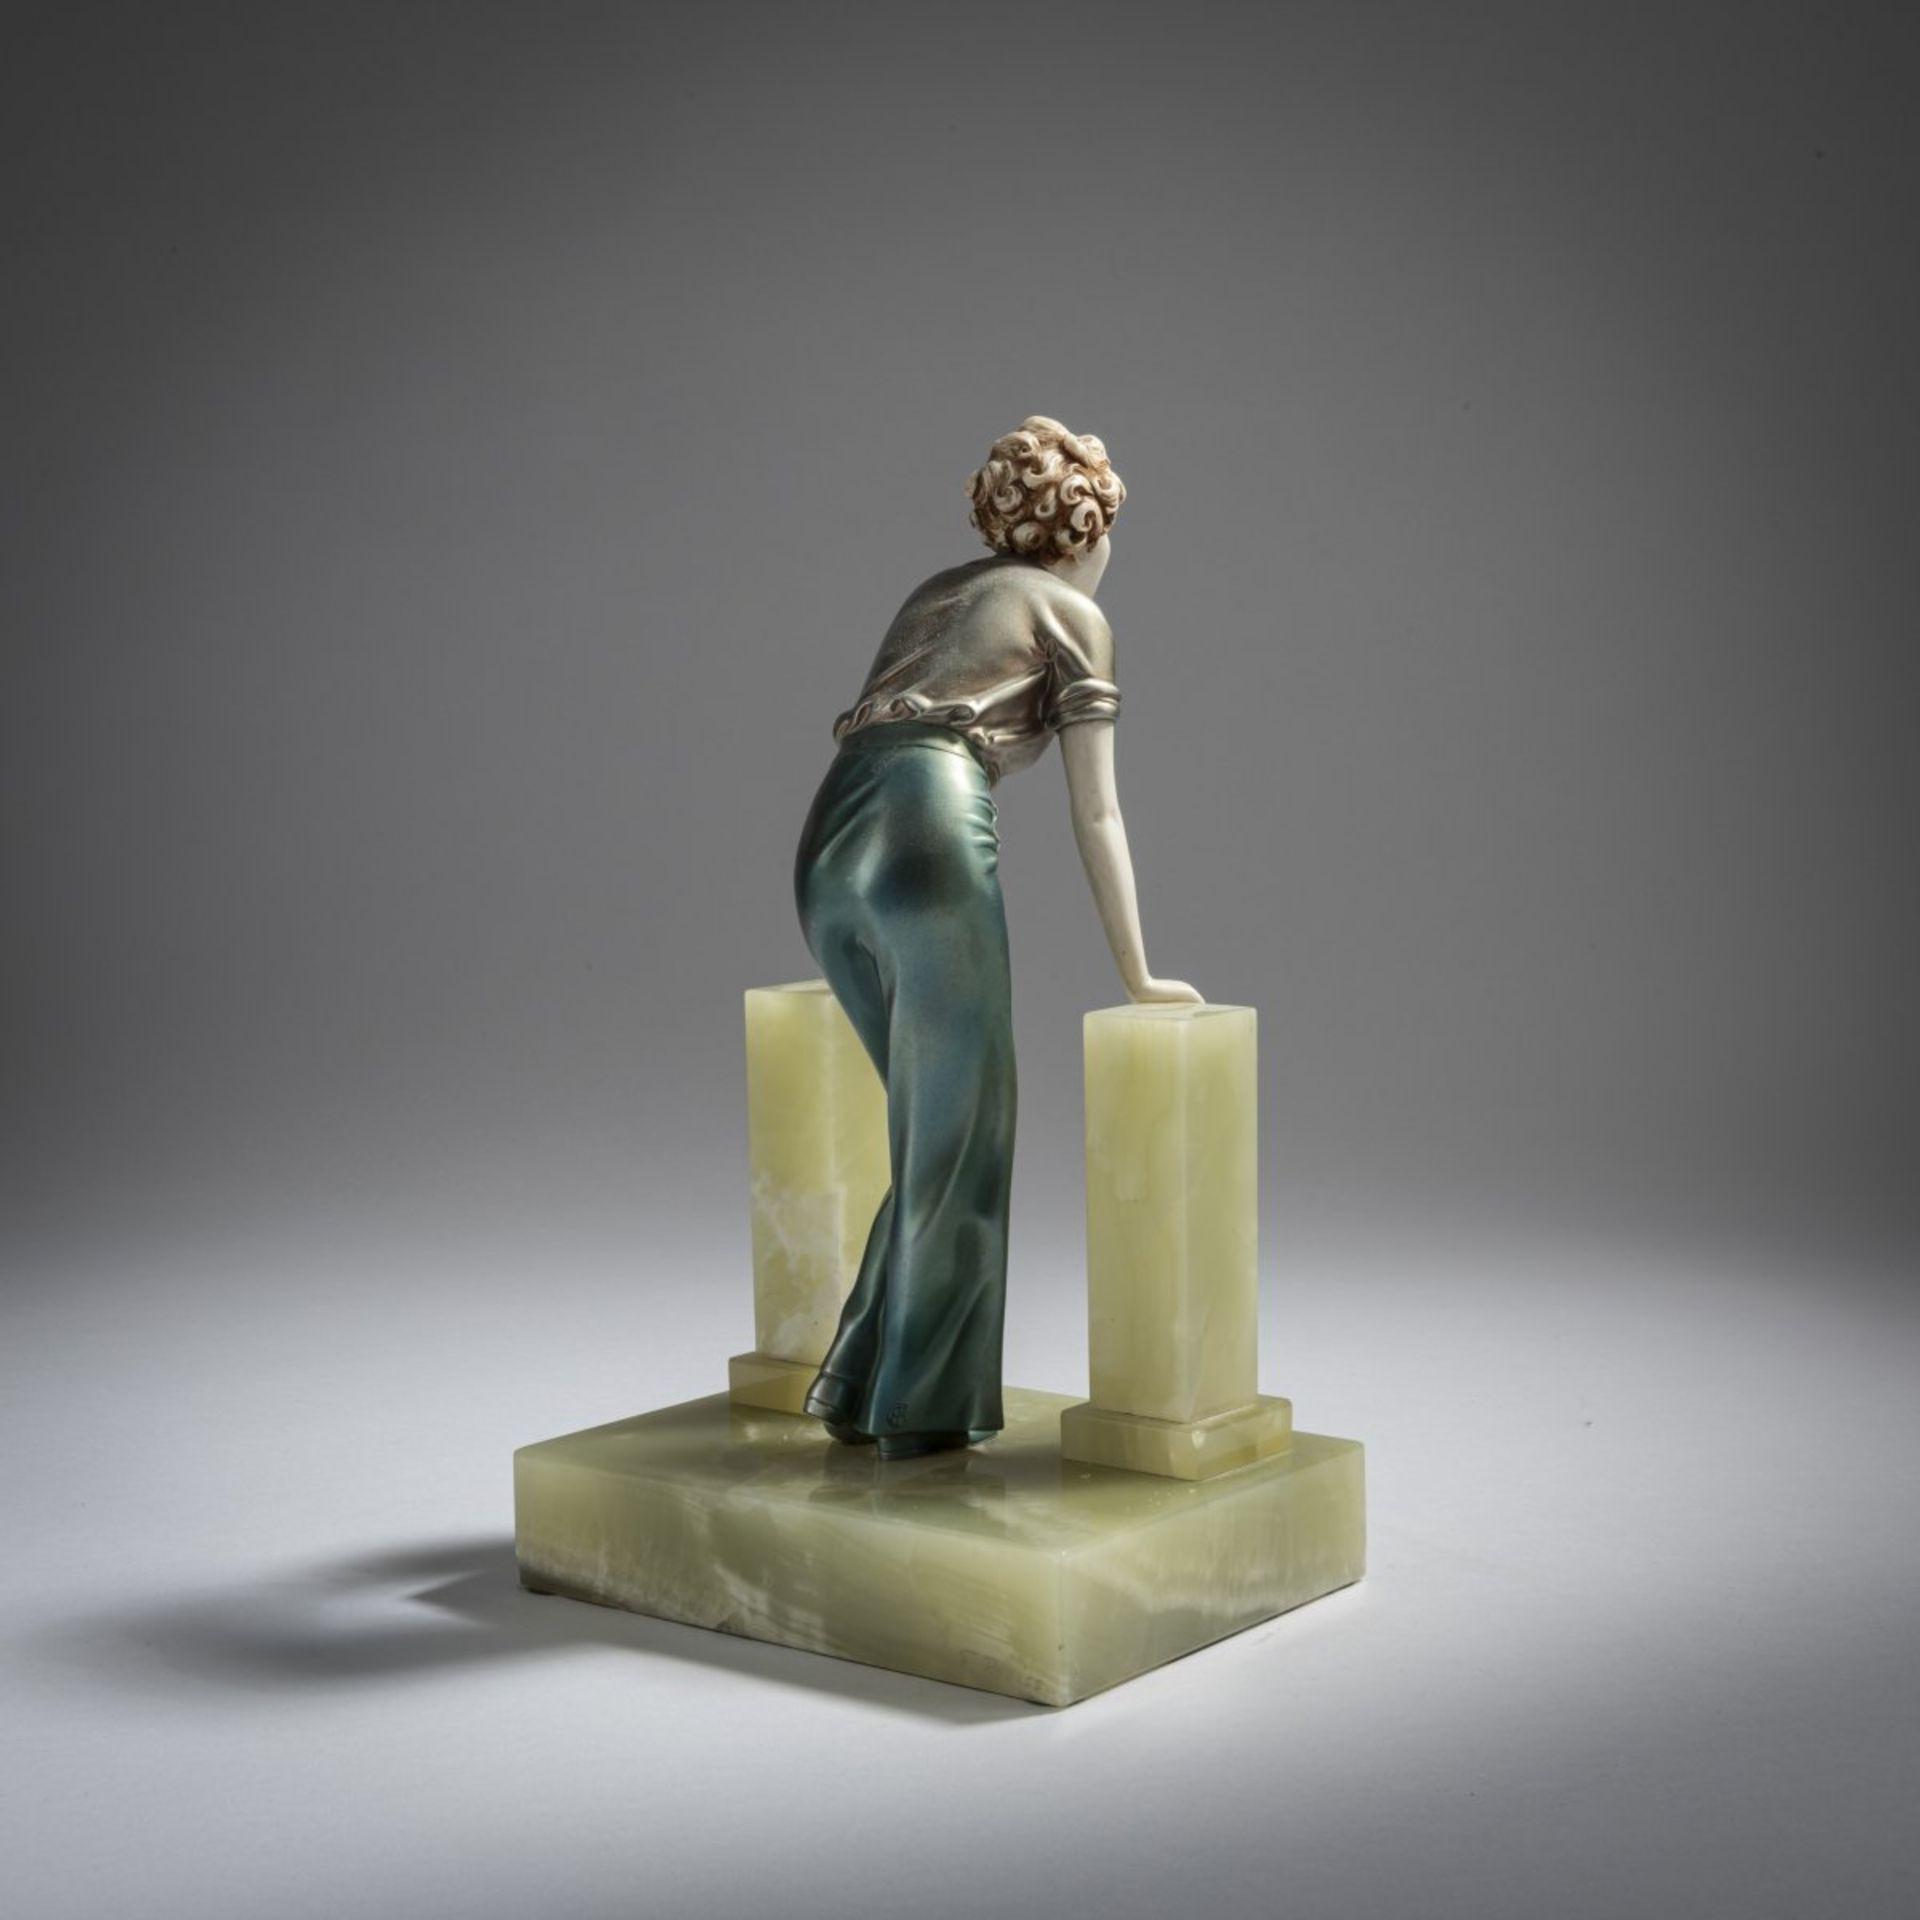 Ferdinand Preiss, 'The Stile', um 1928 - Bild 4 aus 9